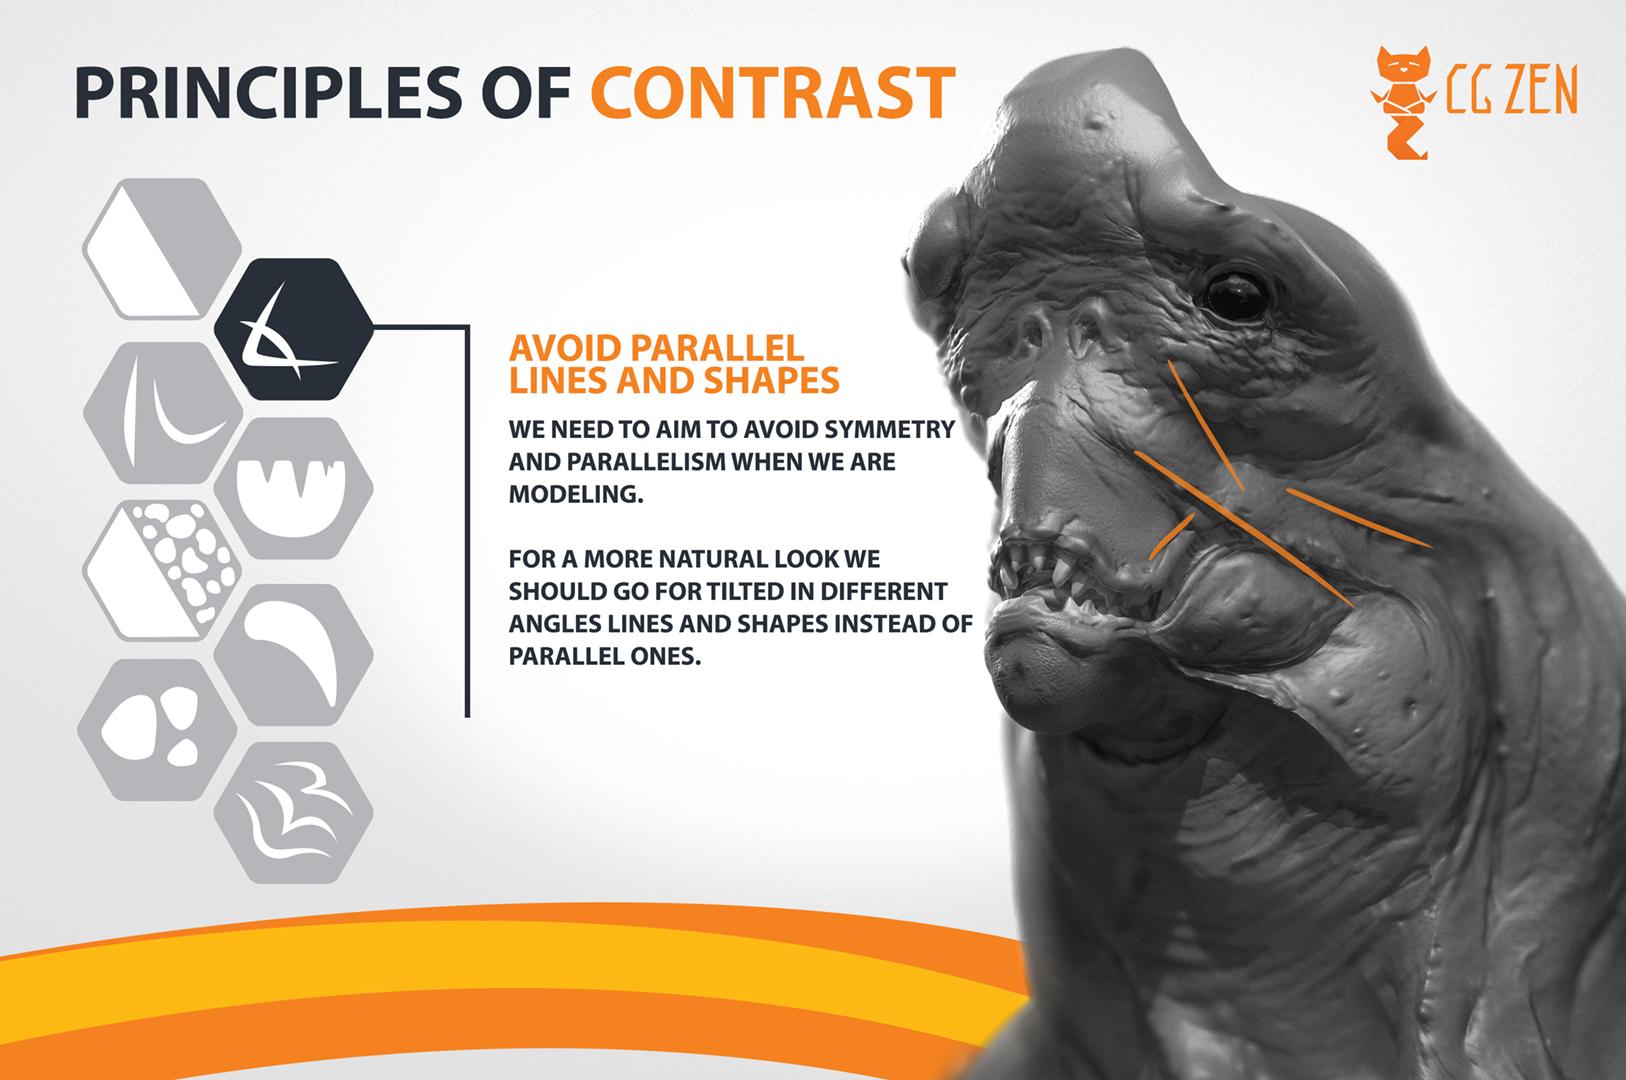 03-contrast-design-variety-of-angles-cgzen-EN